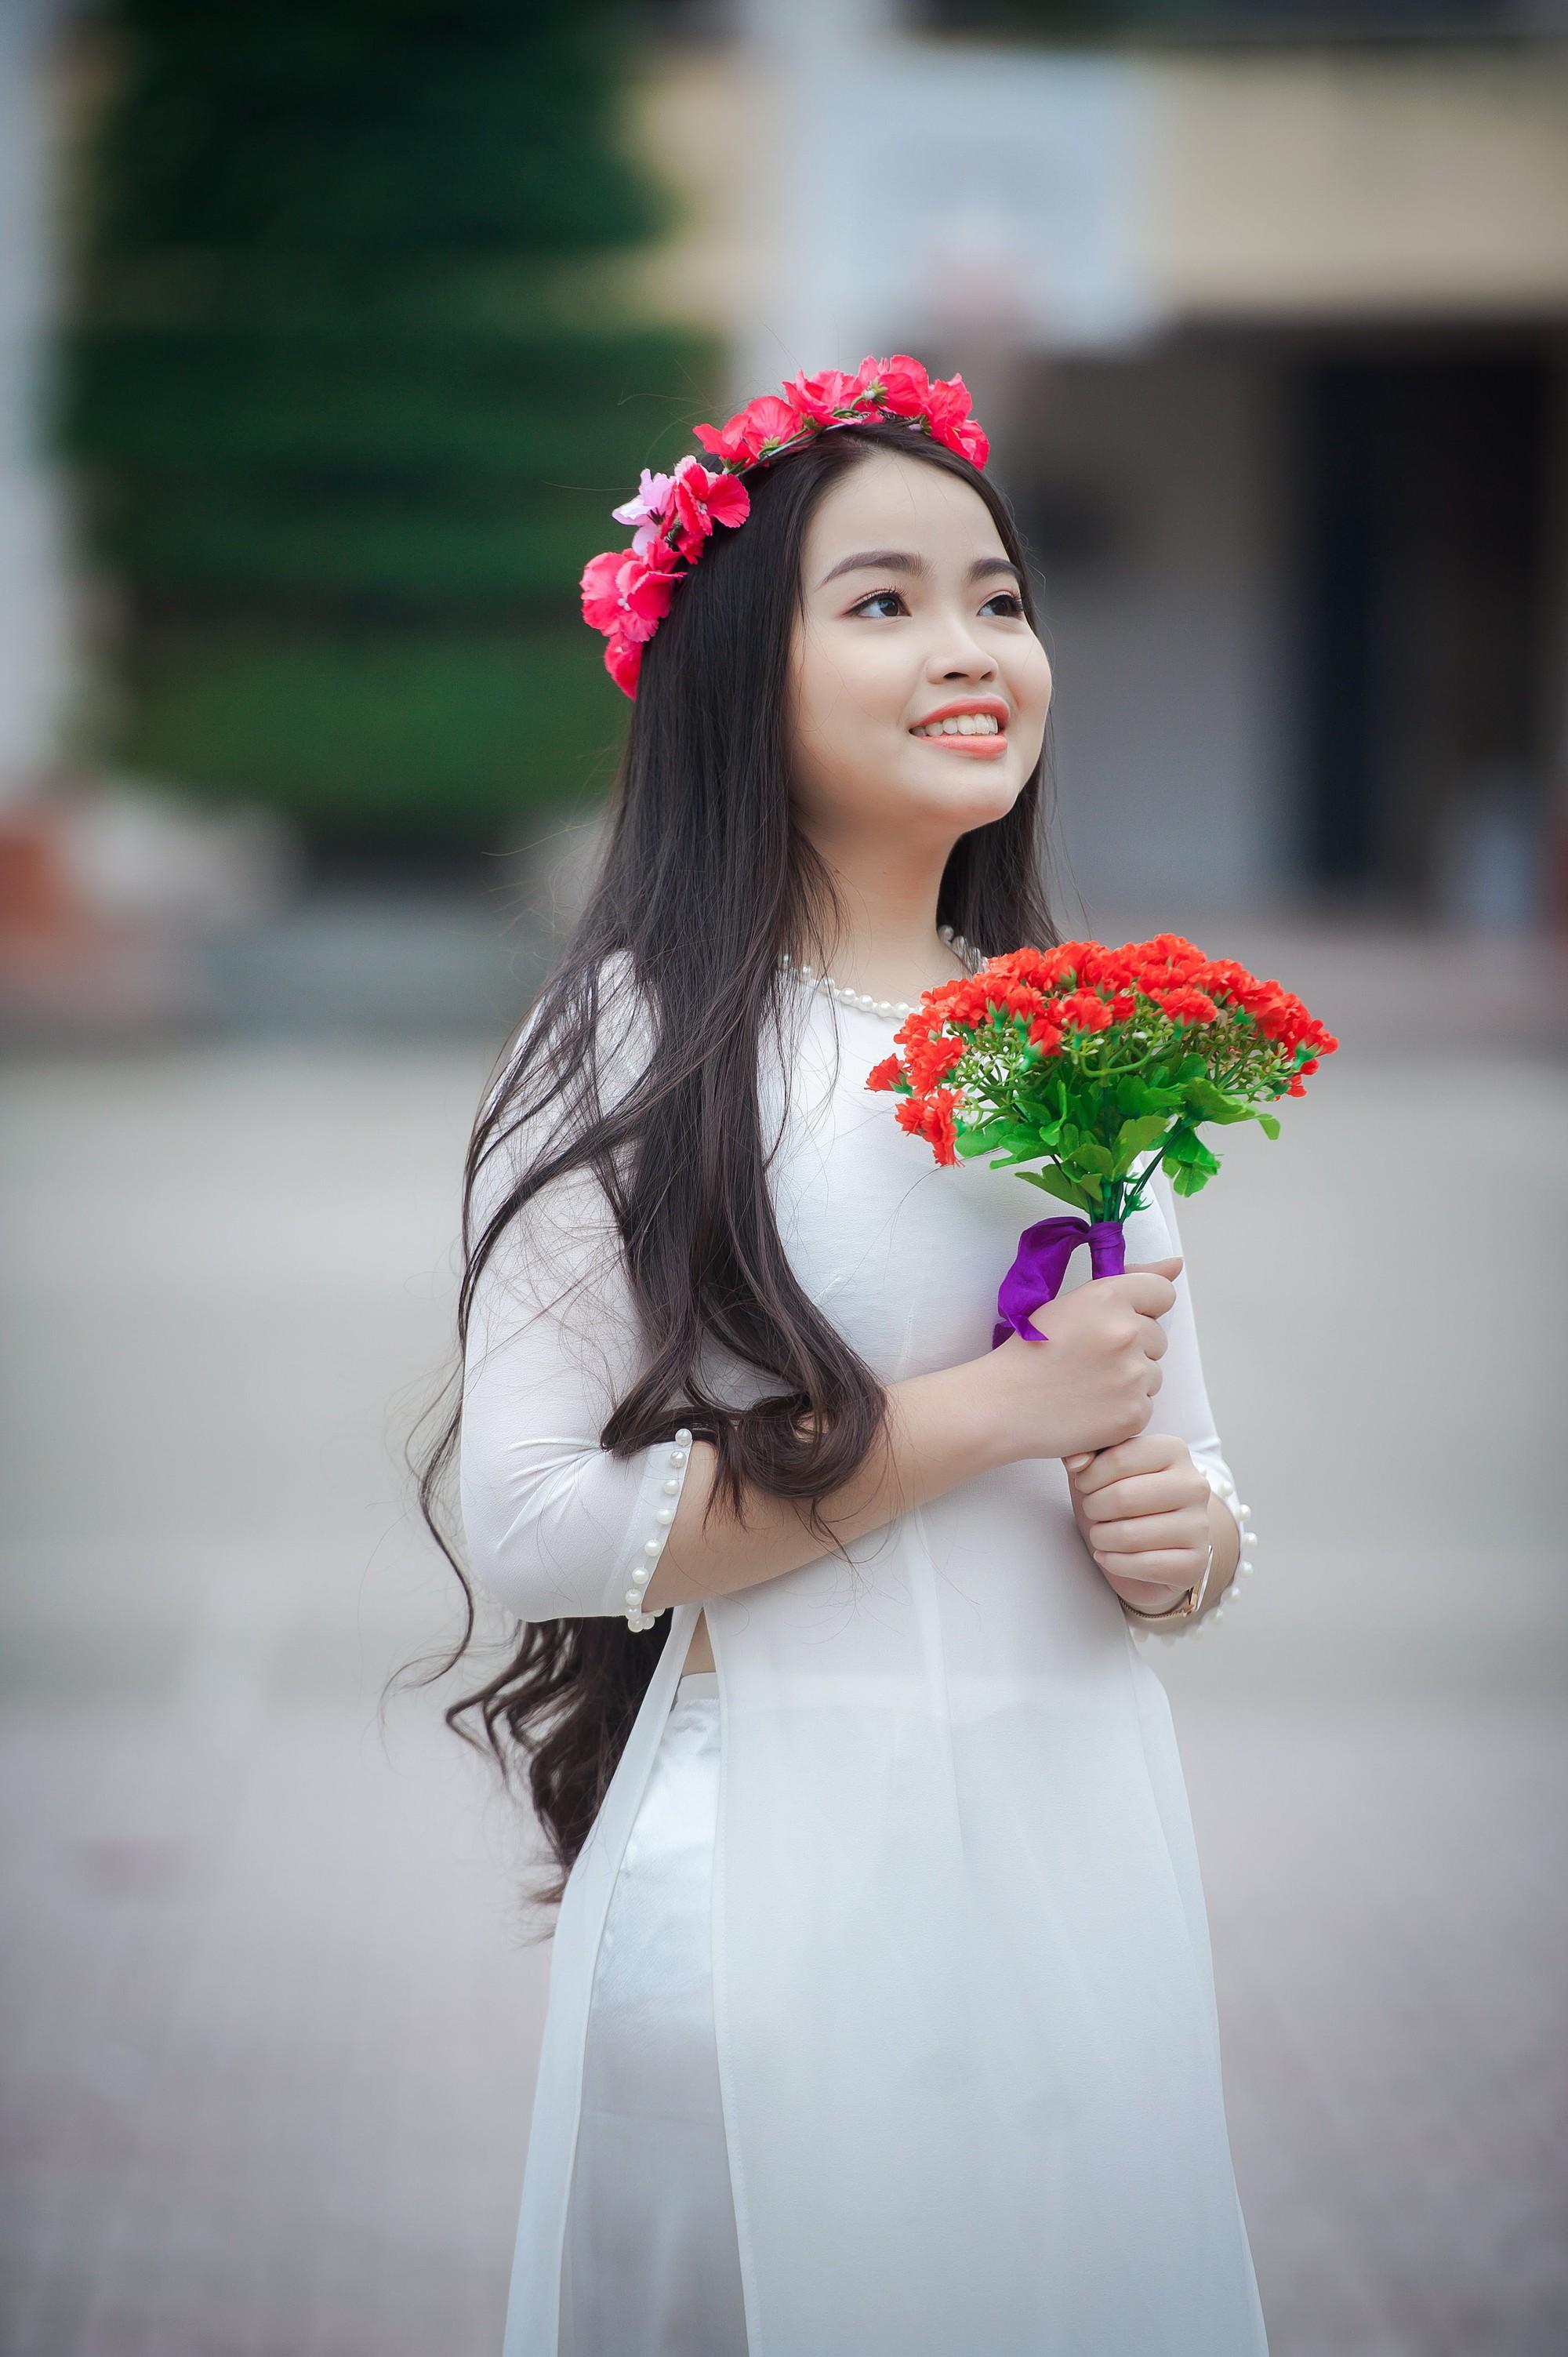 Nữ sinh 2000 ở Nam Định giành học bổng 4 tỷ du học Mỹ - Ảnh 1.